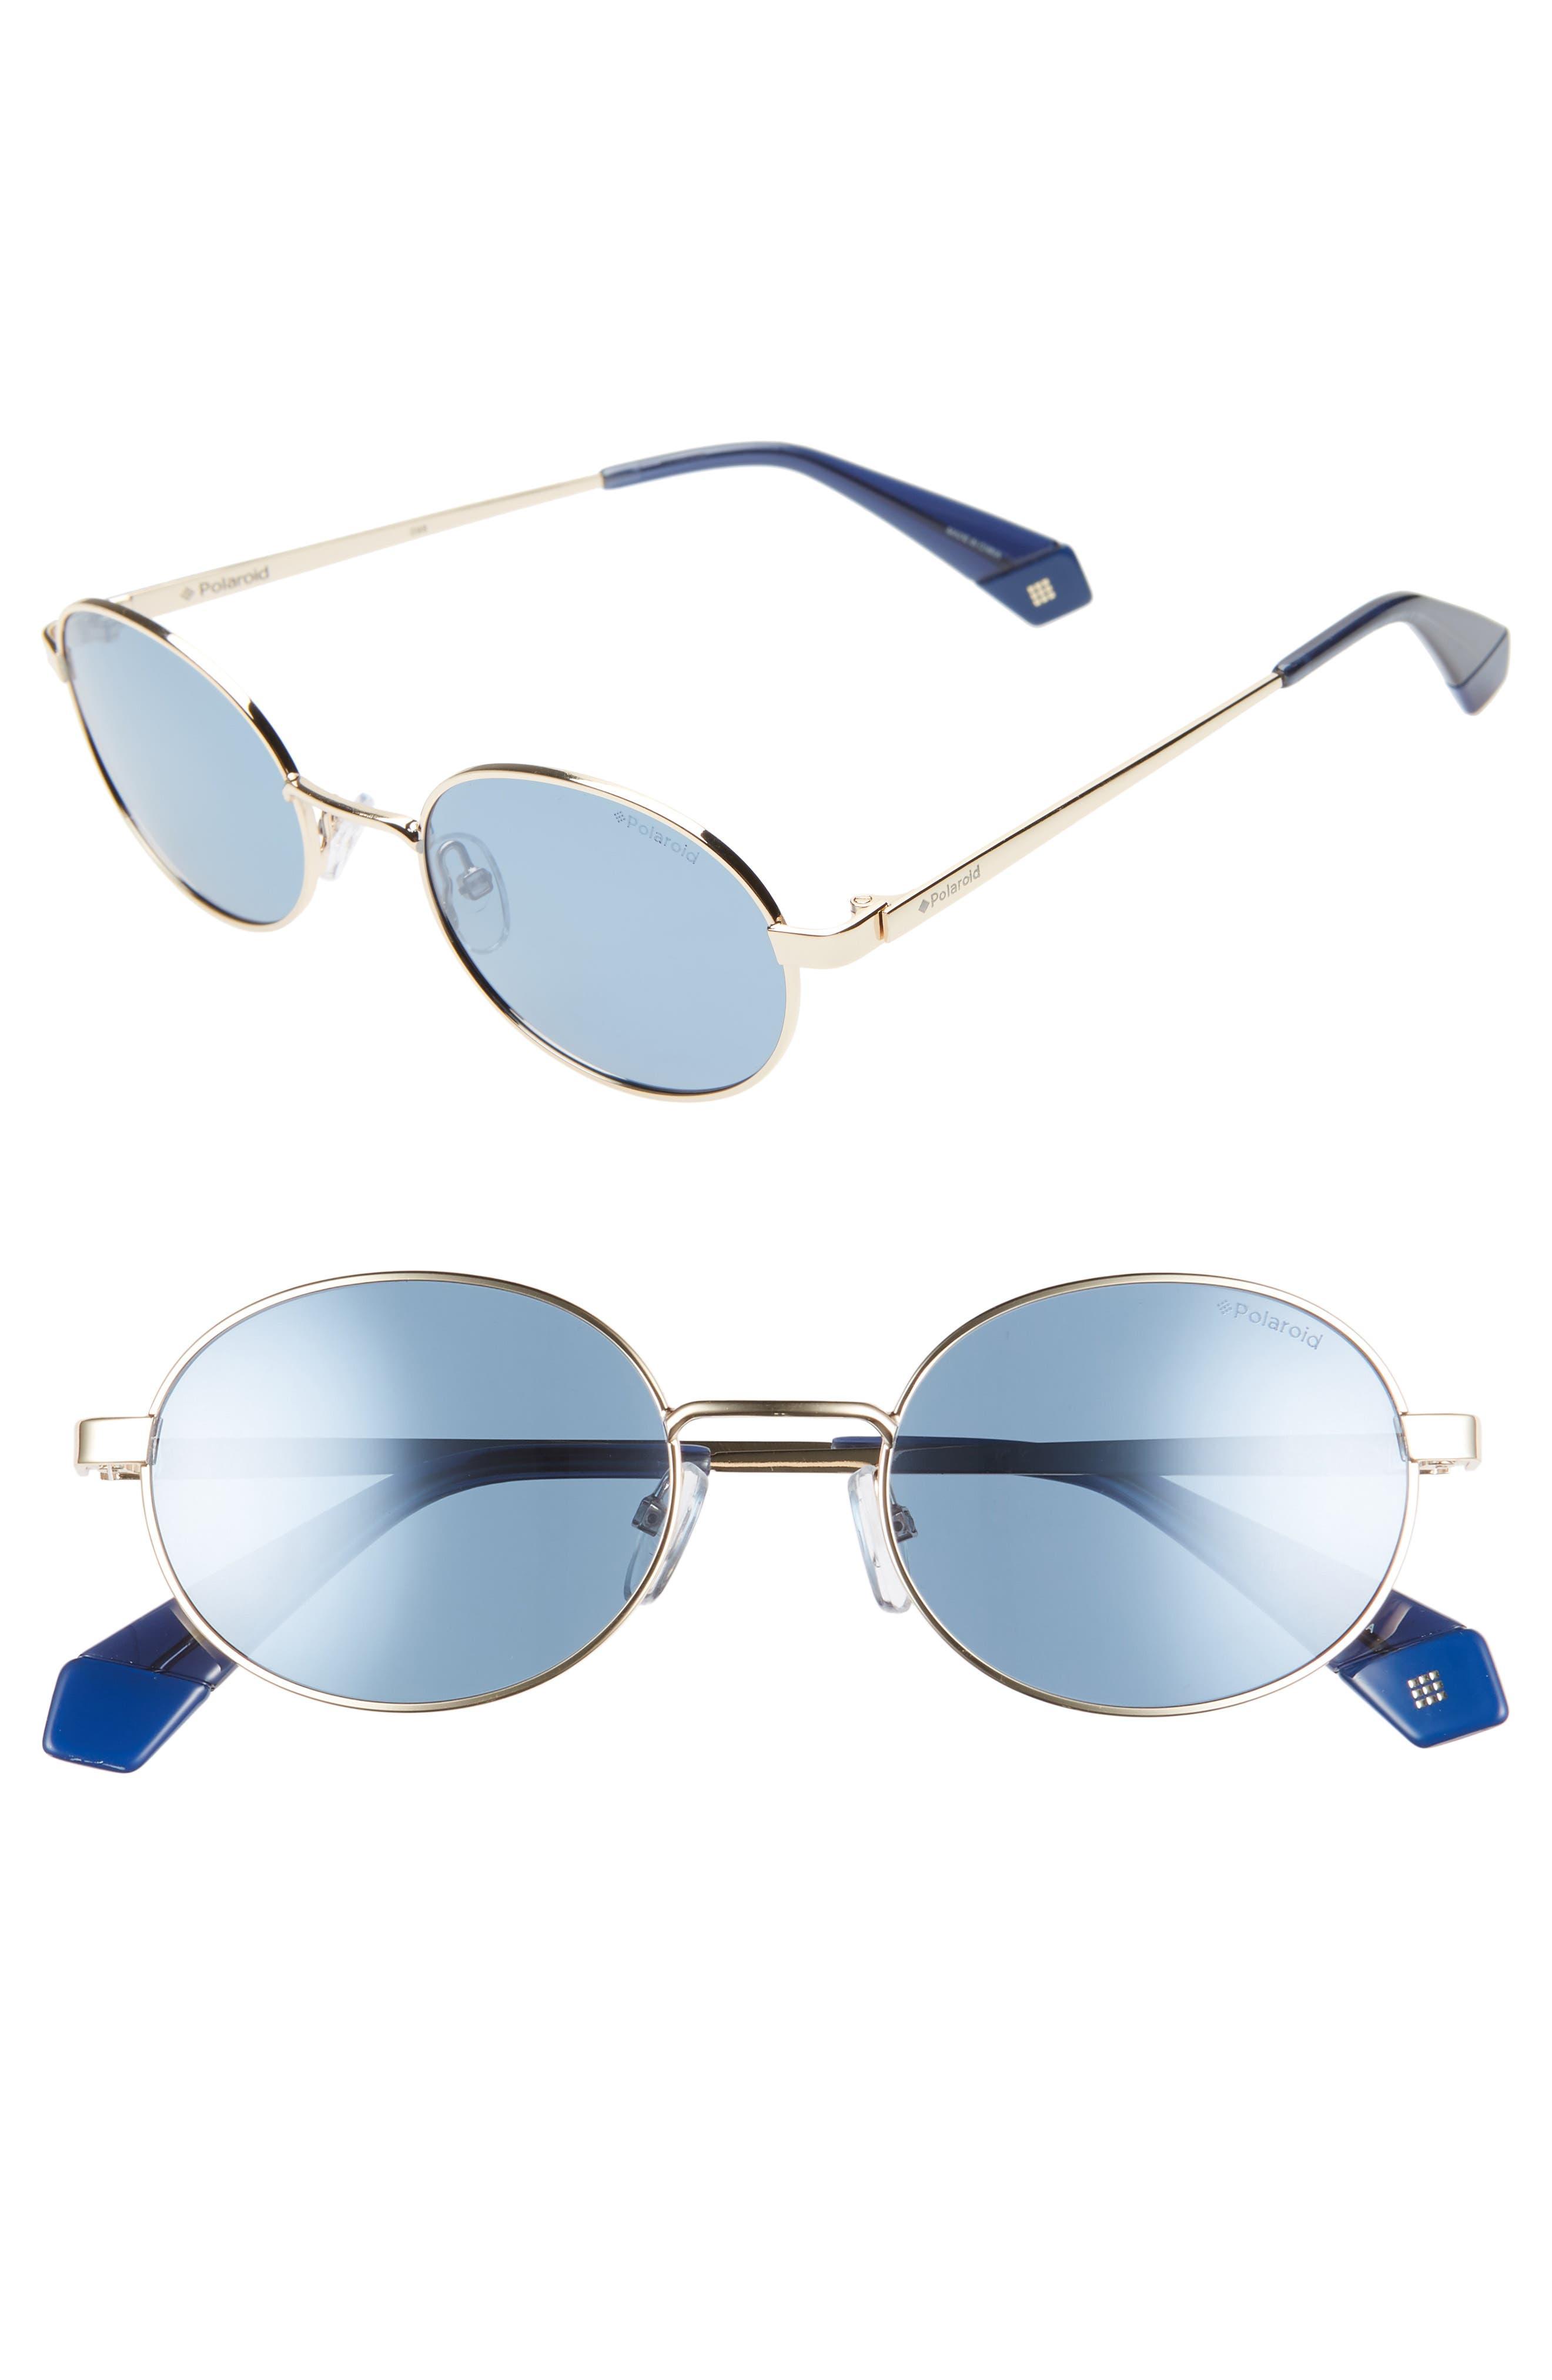 17728c6c0ac Polaroid Sunglasses for Women